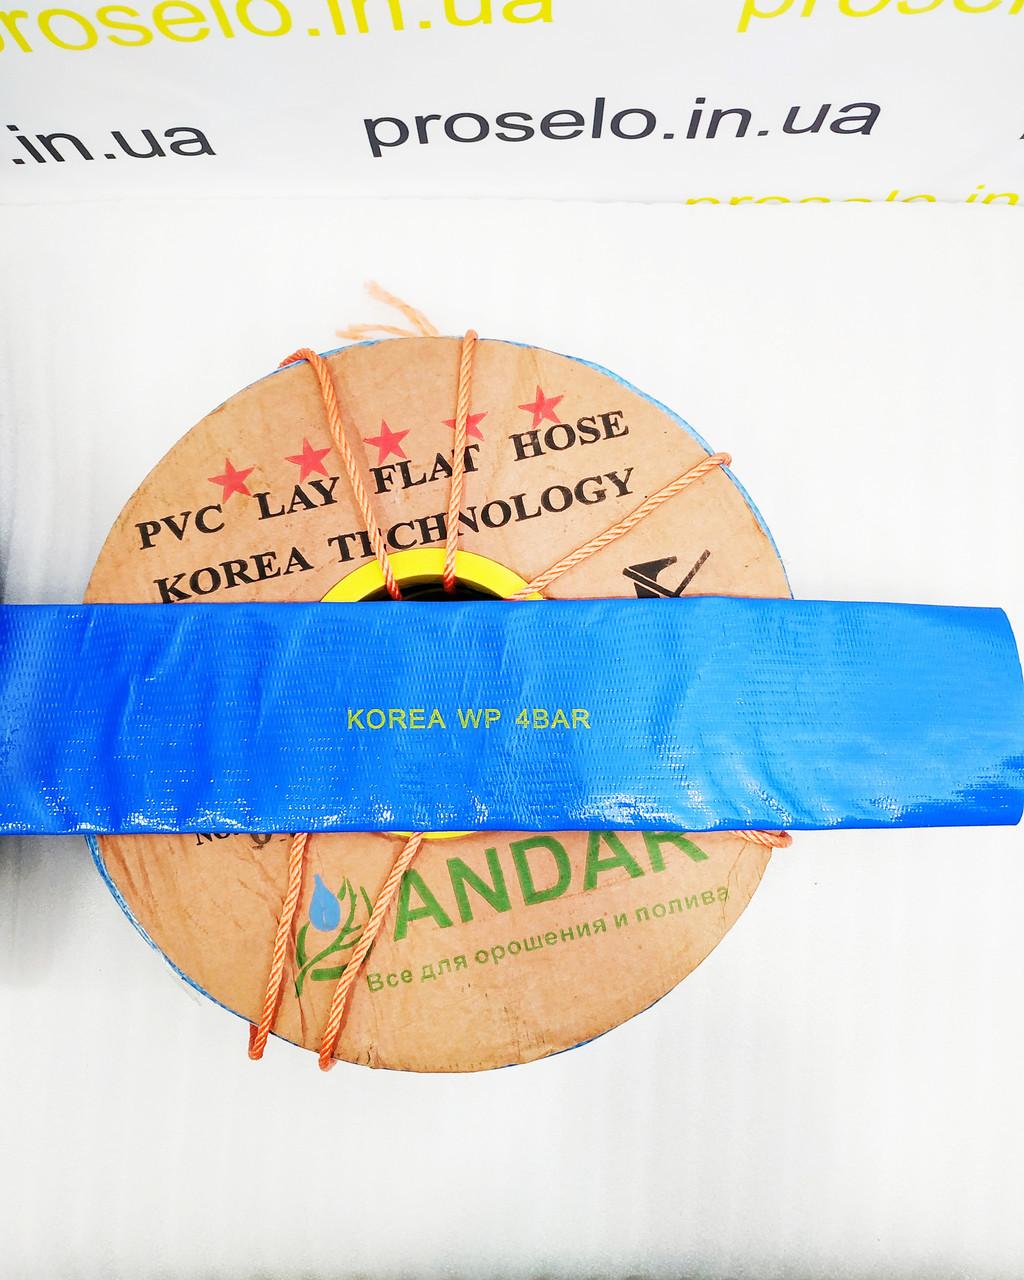 """Шланг гибкий Лэйфлет (LayFlat)  Ø 4"""" (100 мм внутр. диаметр) БЕЗ ХЛОРА """"Andar"""" Корея"""